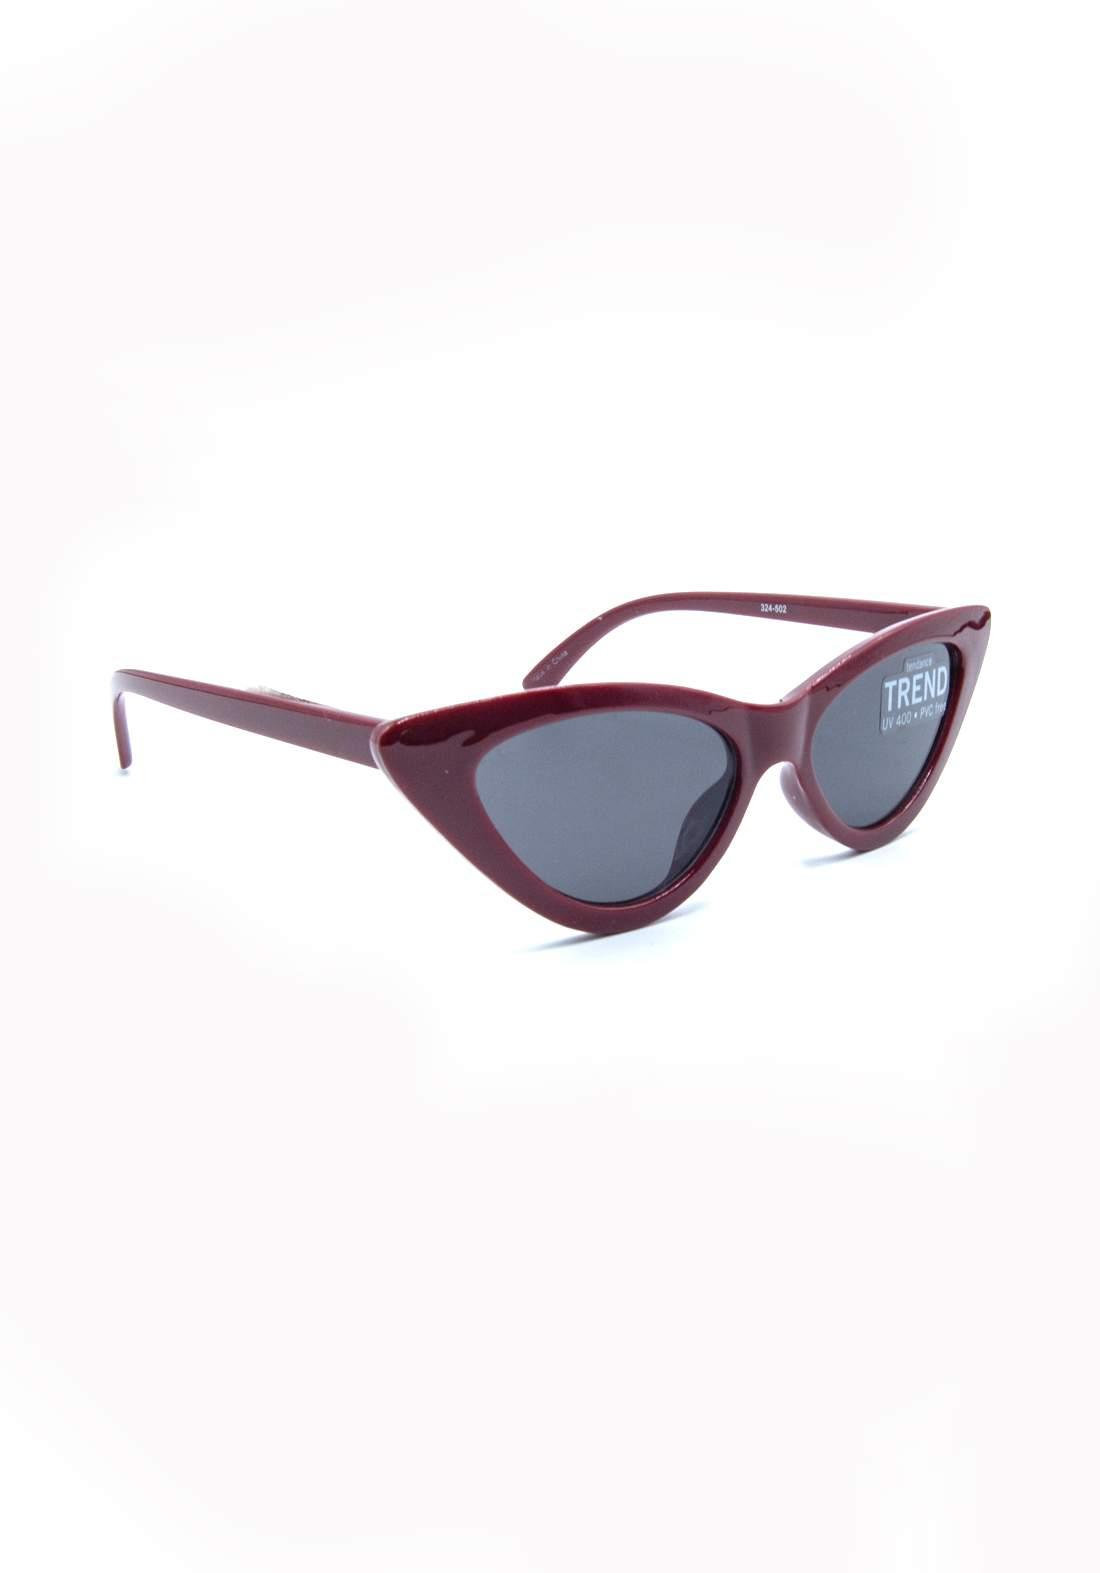 نظارة شمسية نسائية بأطار ماروني اللون